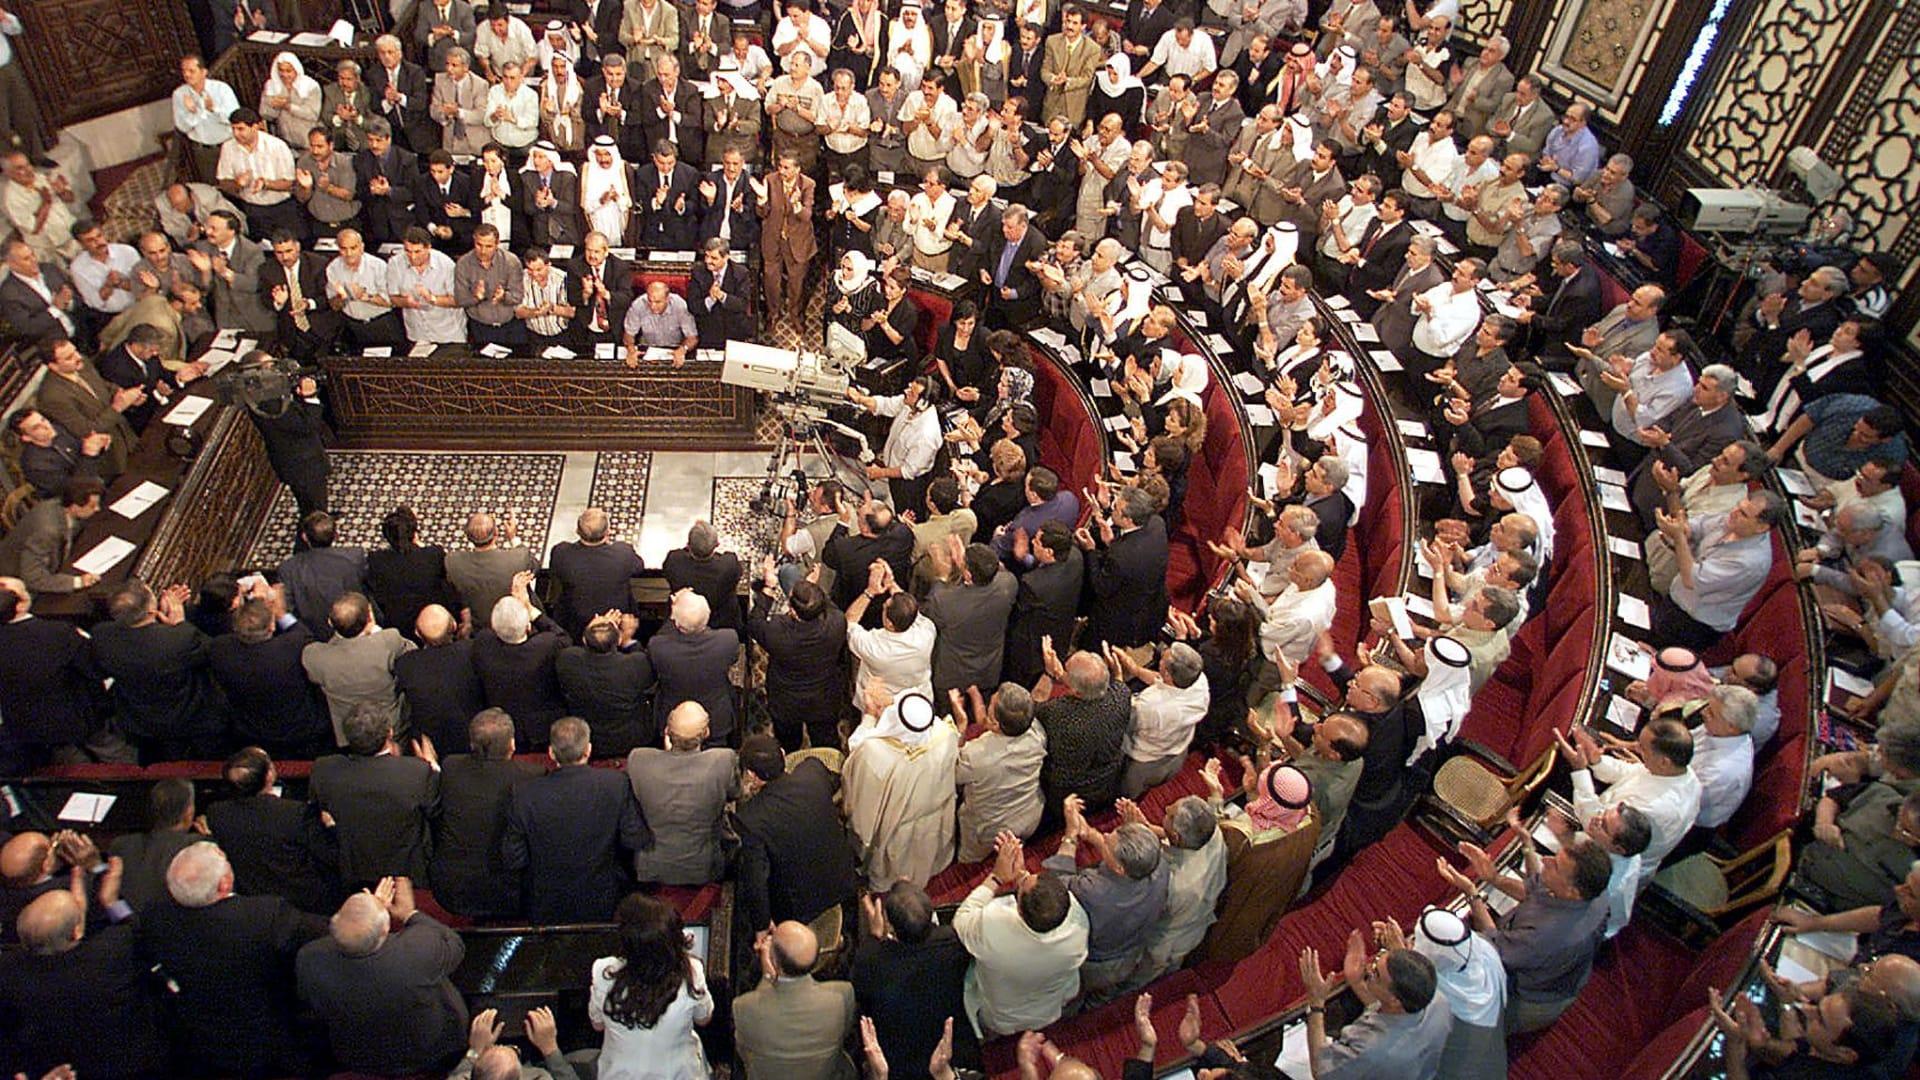 مجلس الشعب السوري يعلن ترشح سيدة للانتخابات الرئاسية.. فمن هي؟